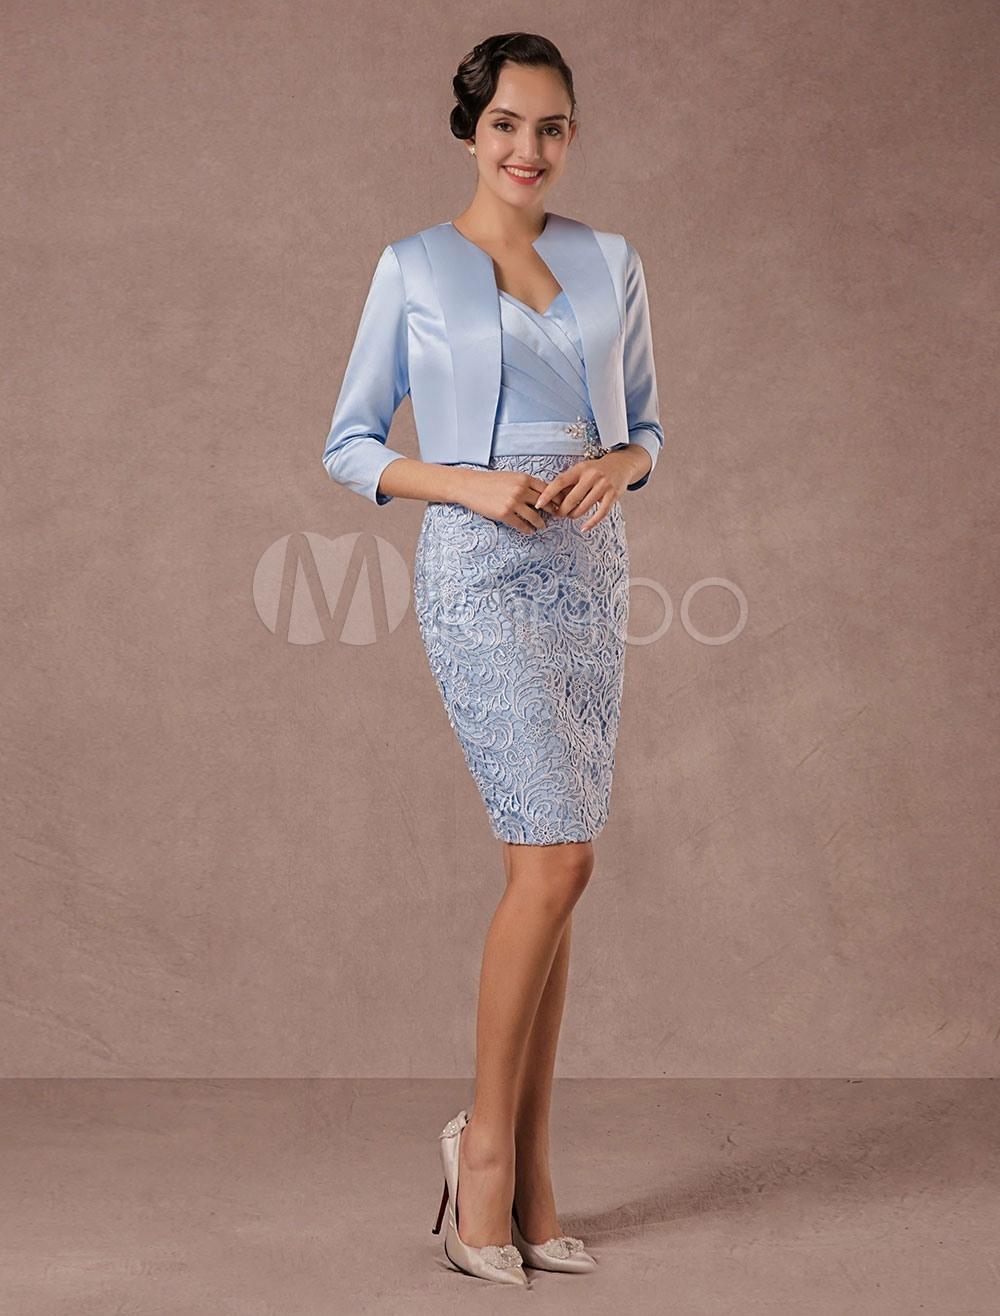 20 Schön Elegantes Kleid Mit Ärmel Design10 Einzigartig Elegantes Kleid Mit Ärmel für 2019